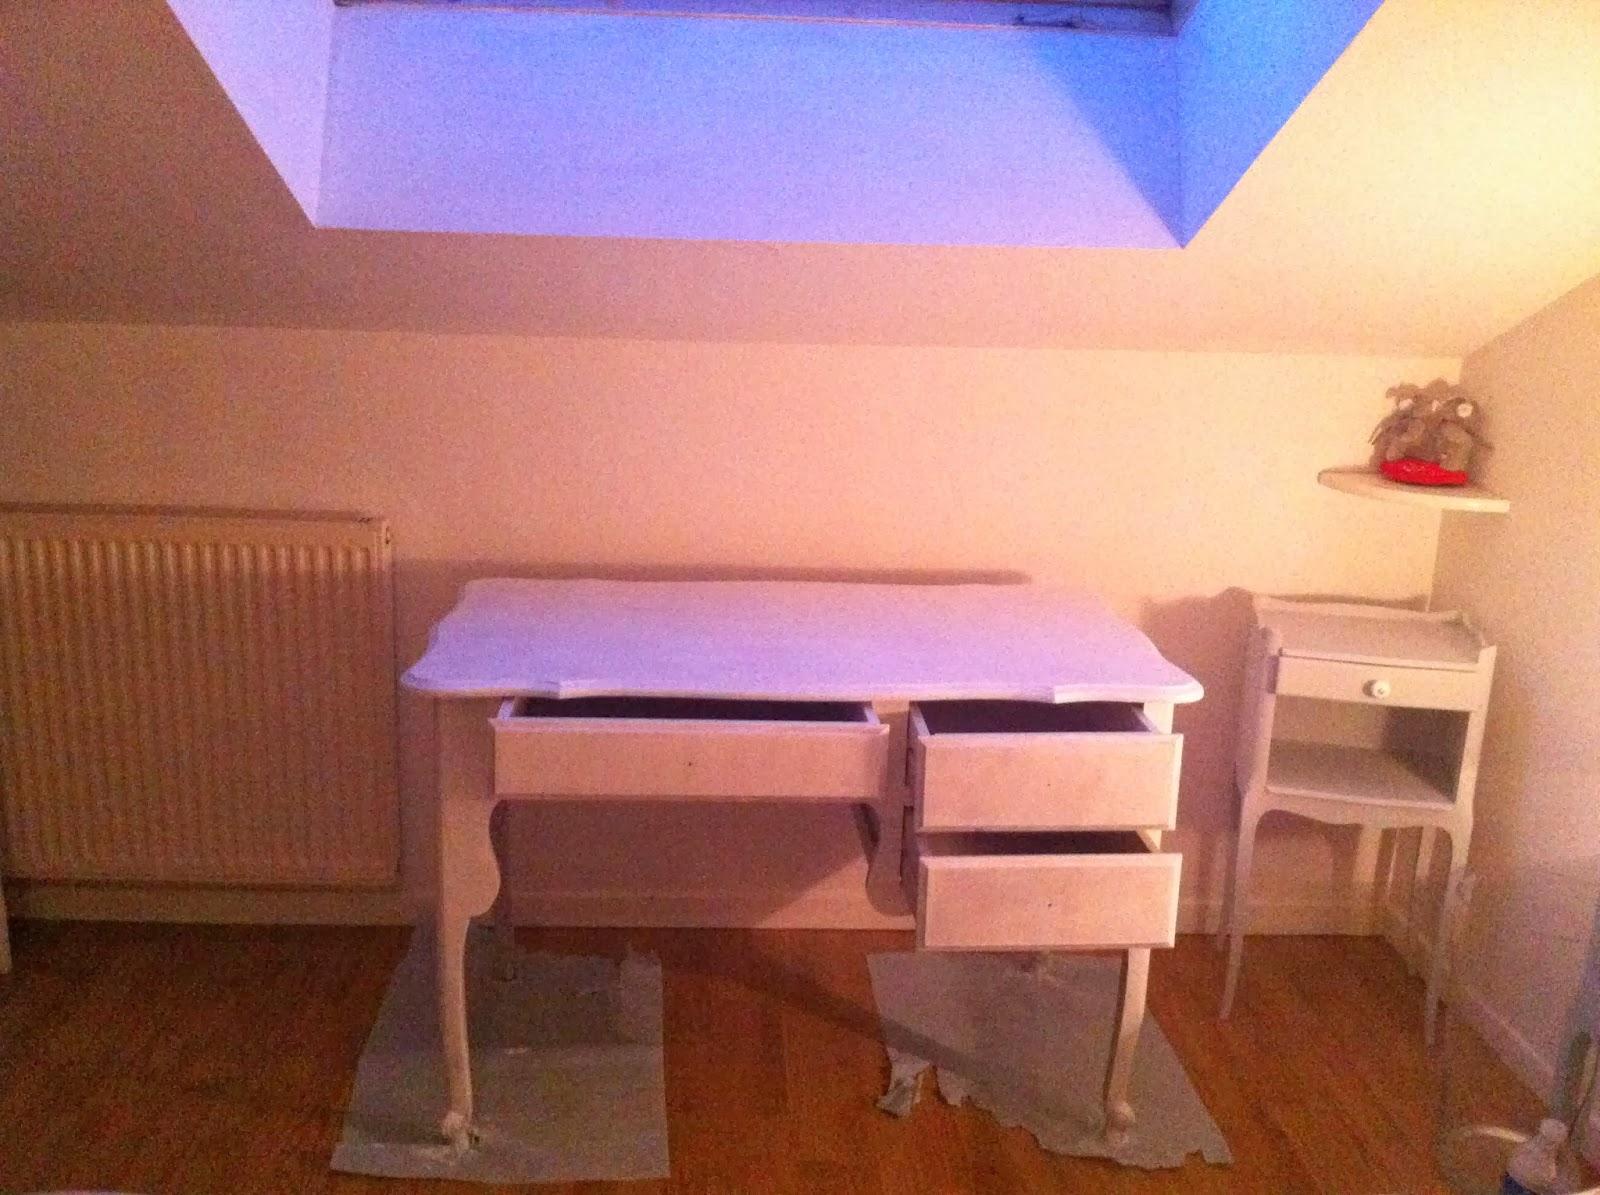 Patines et aiguilles le lundi ce sera bureau alors - Sous couche meuble stratifie ...